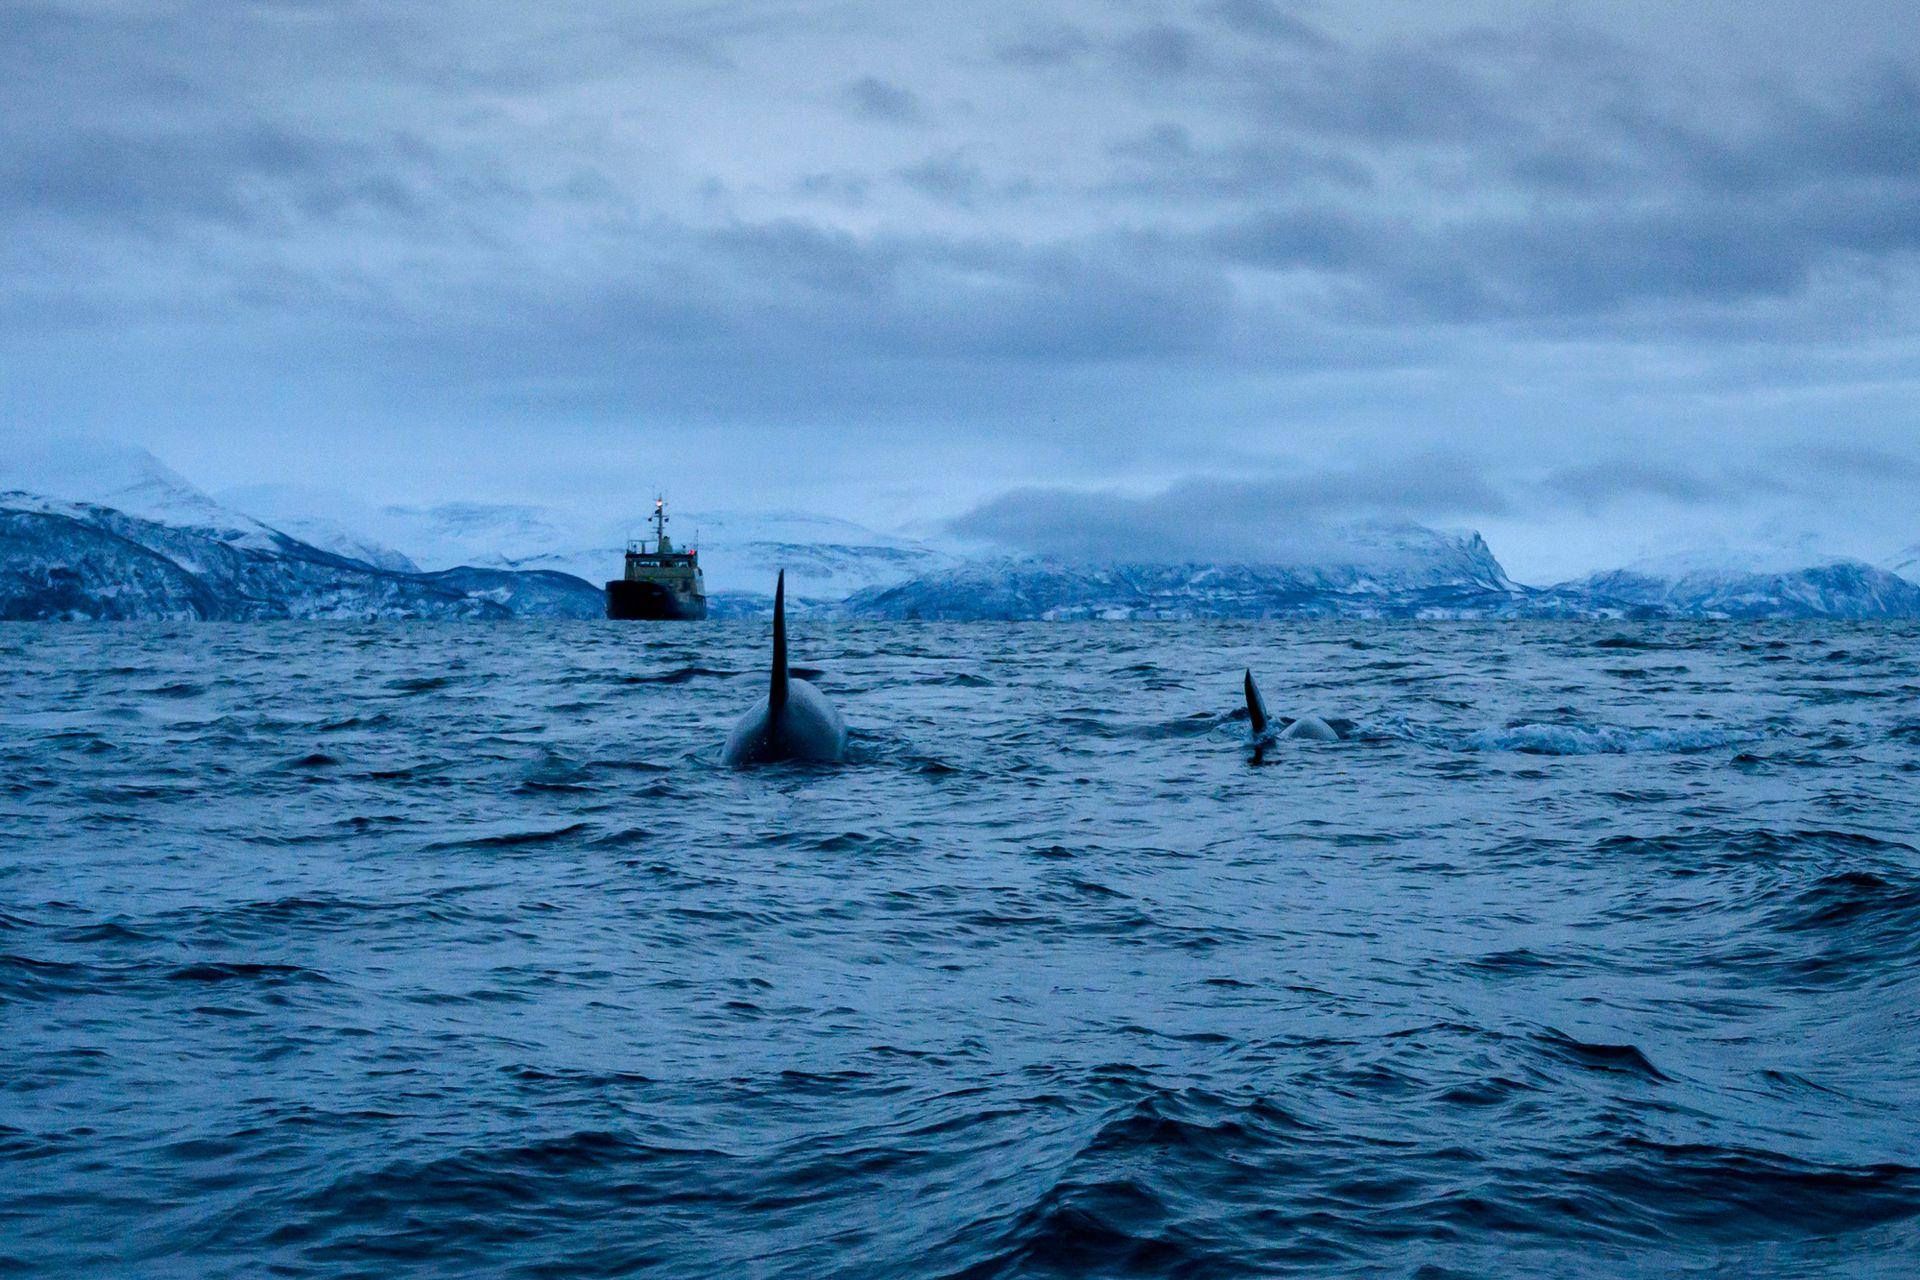 Orcas masculinas persiguen arenques el 15 de enero